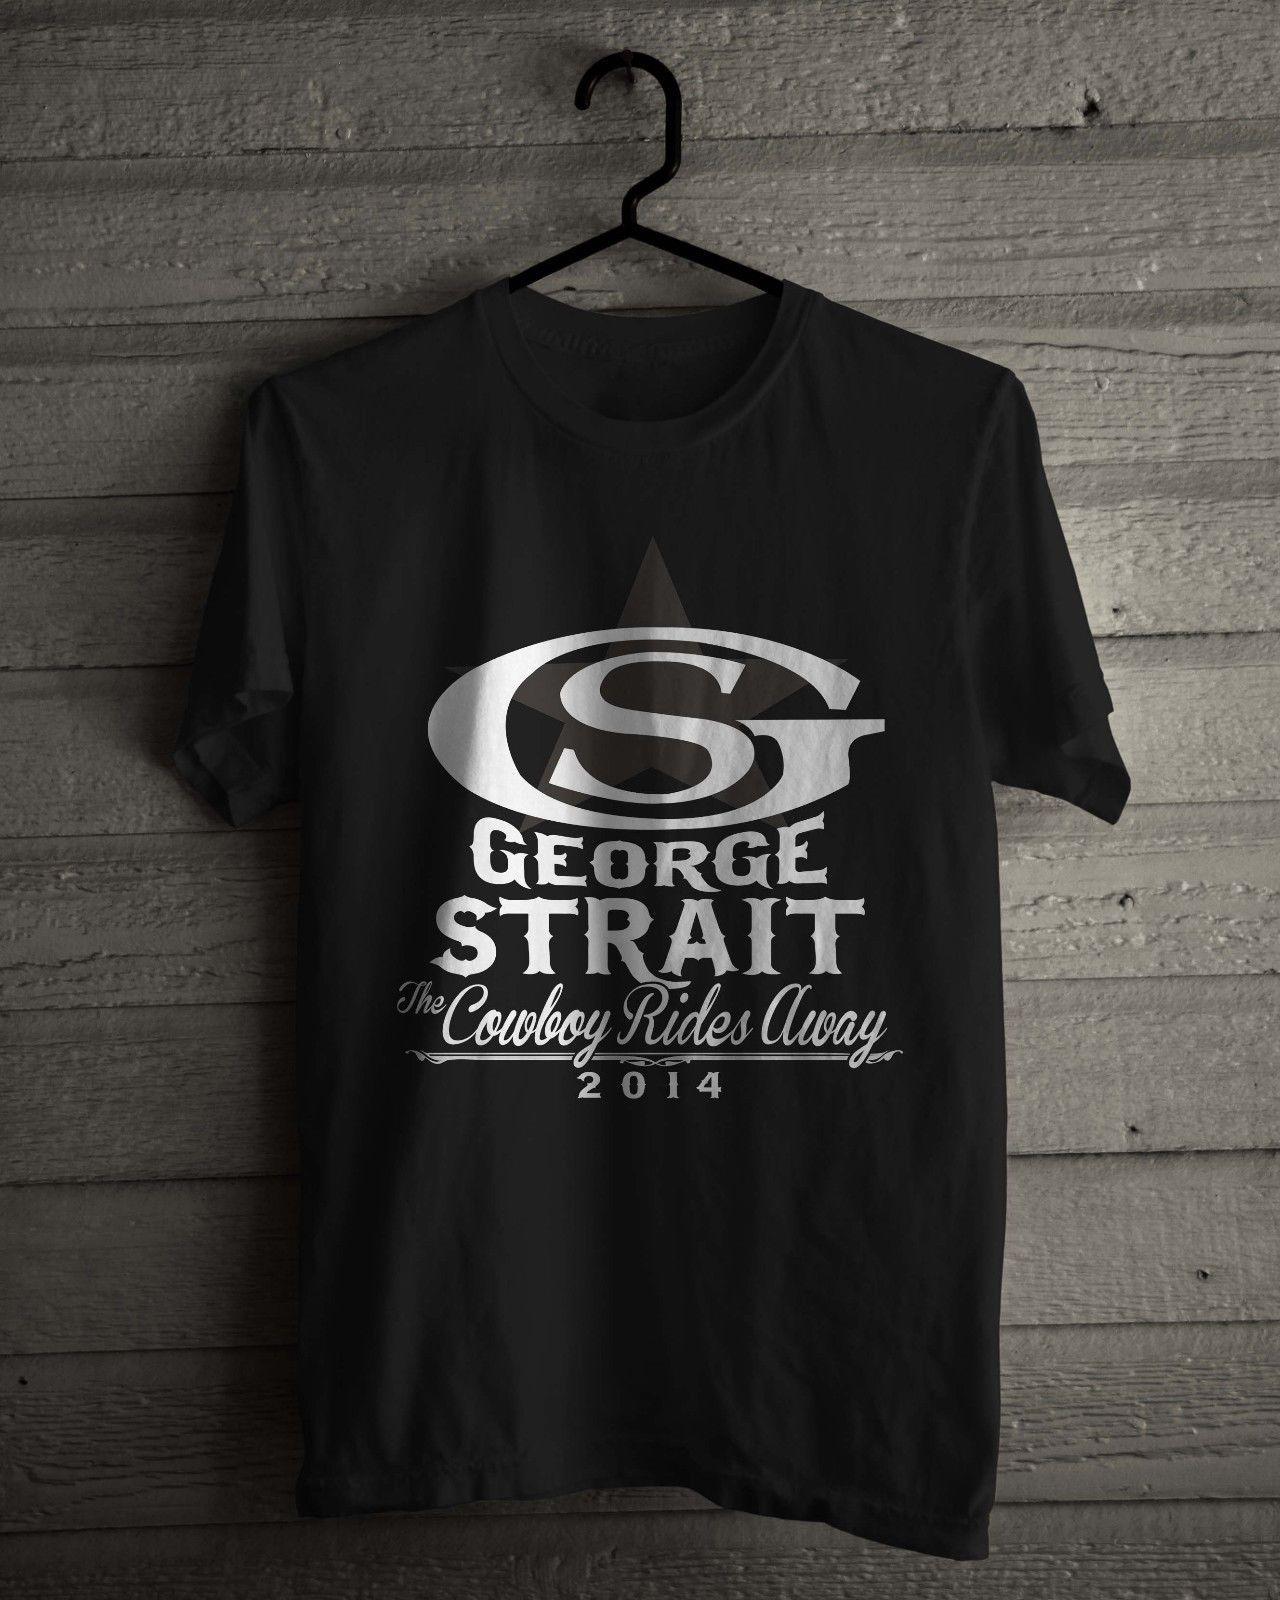 eb4e74dc8 Details about George Strait T-Shirt